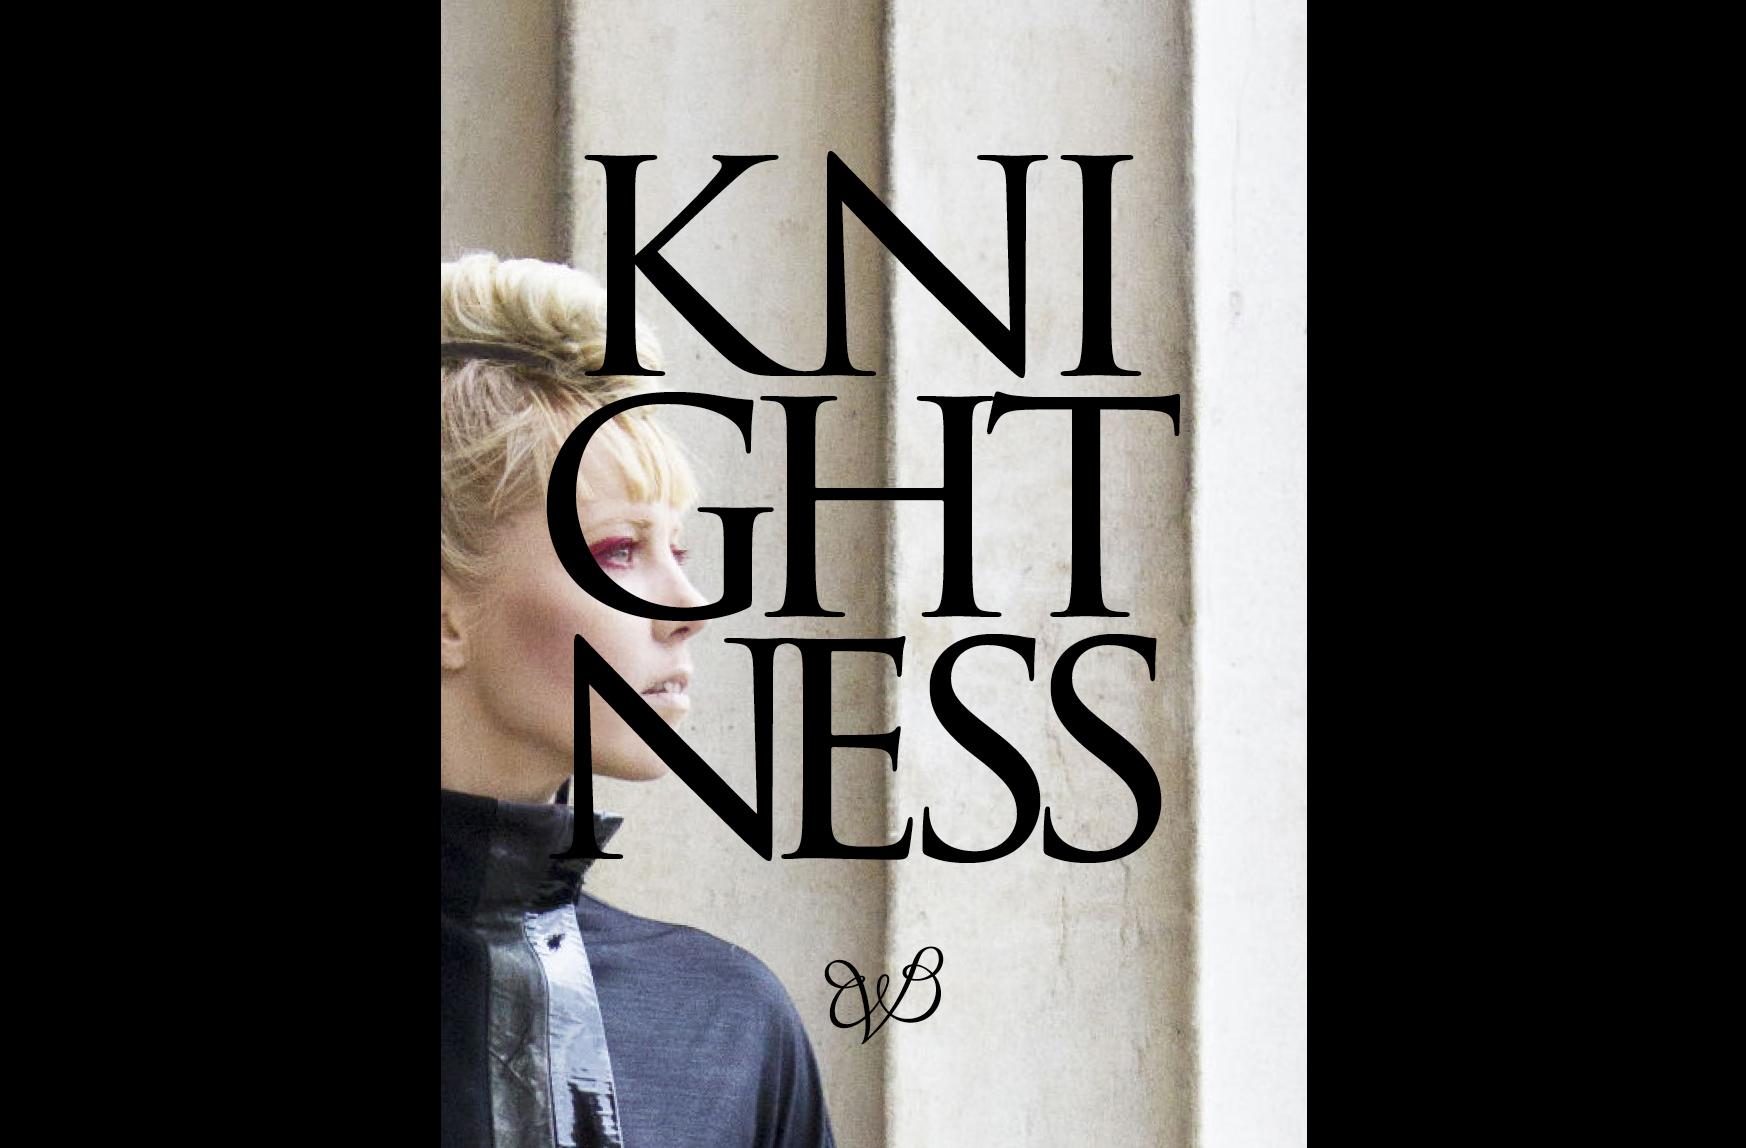 Knightness by Britta von Basedow cover